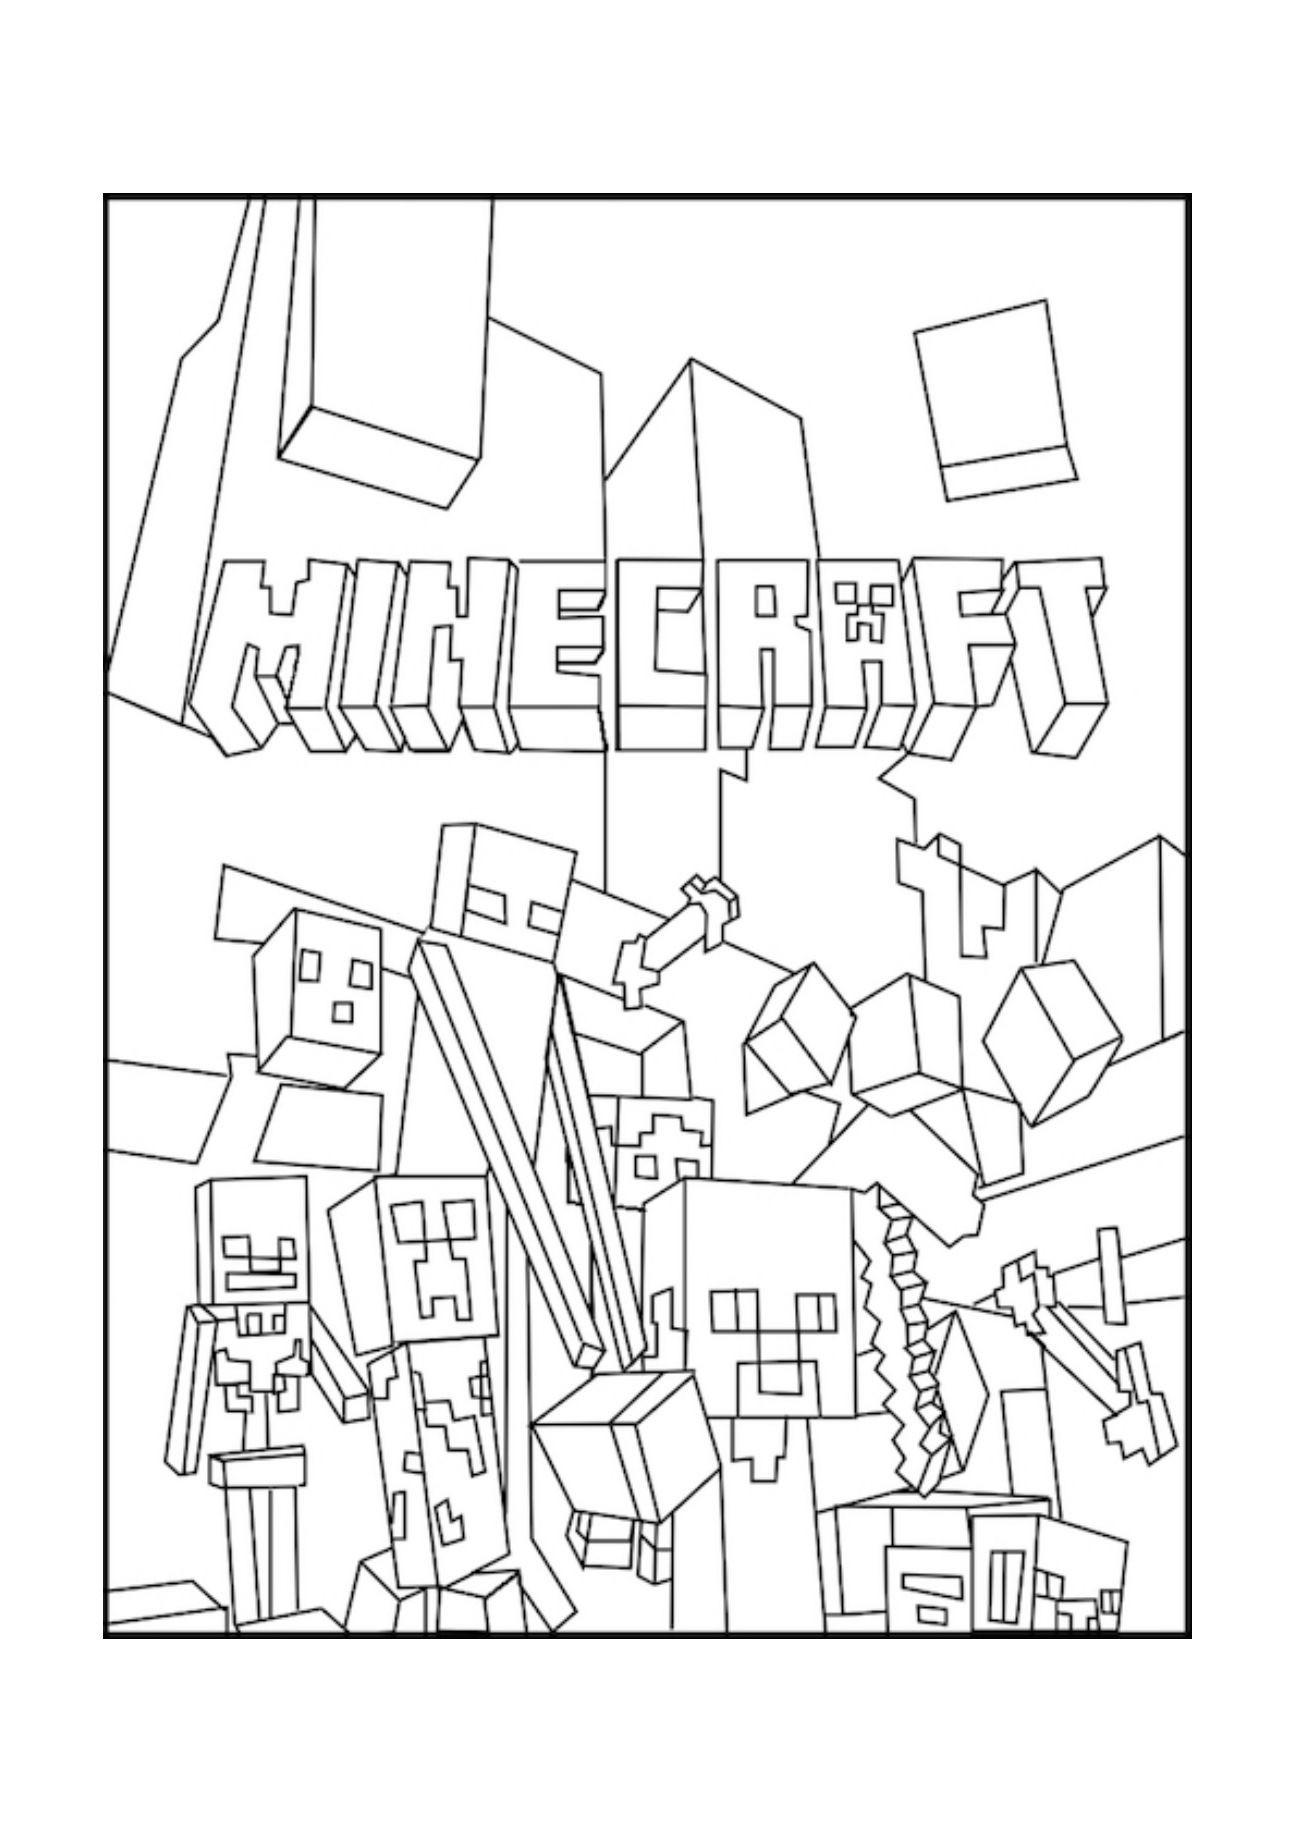 Ausmalbilder Minecraft Dorf Inspirierend Minecraft Deadlox Ausmalbilder 1081 Malvorlage Minecraft Schön Bild